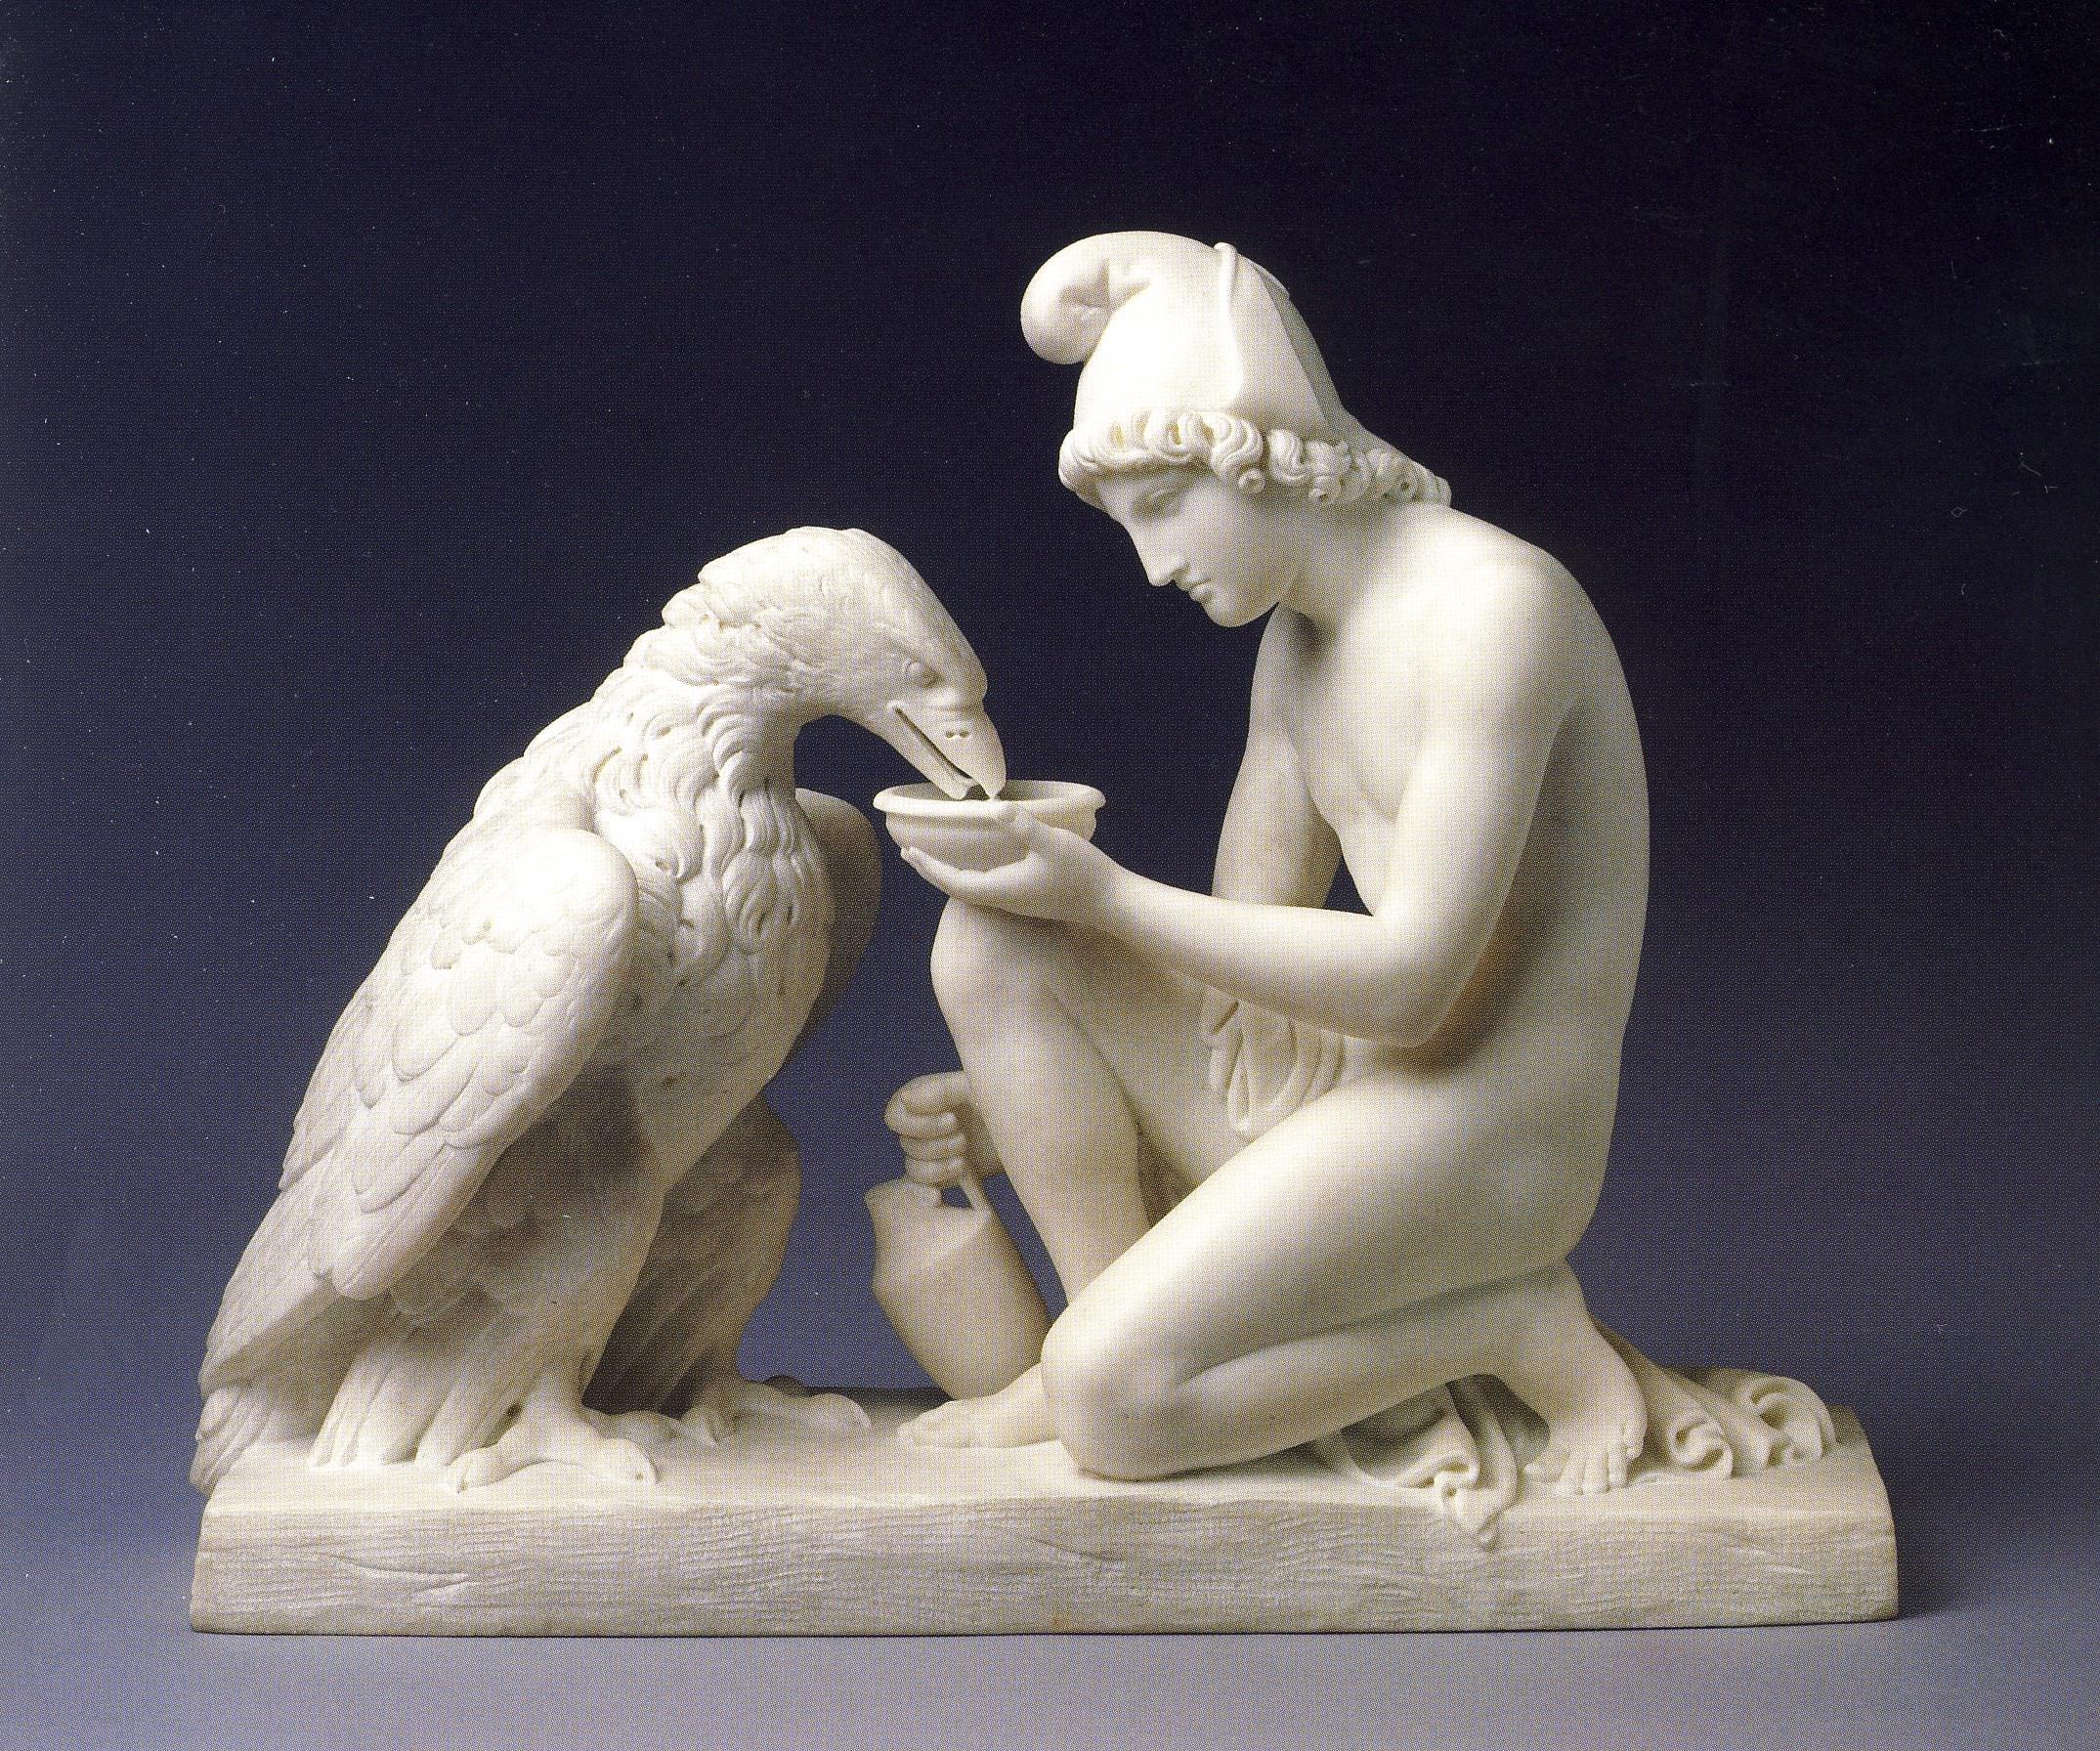 B. THORWALDSEN, Ganimede con l'aquila di Giove (intero),1814, marmo, h.44 cm., Brescia, Musei Civici